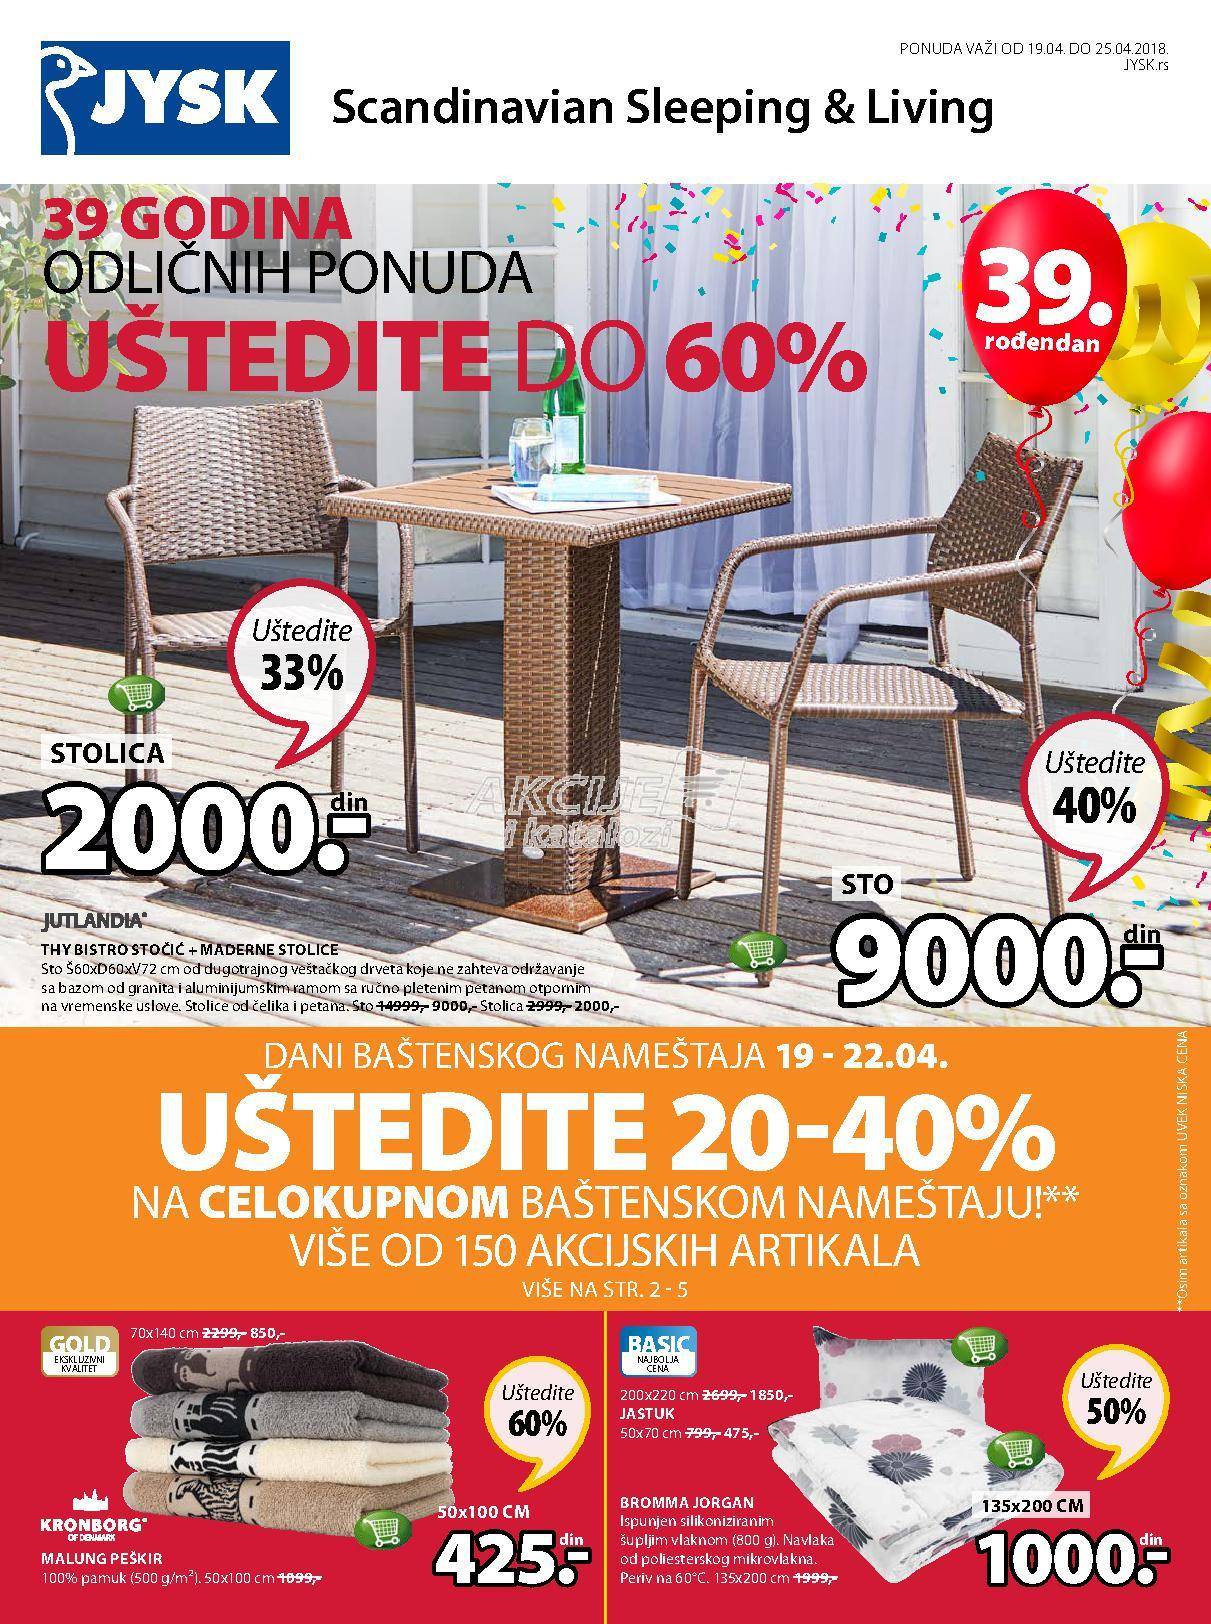 JYSK - Redovna akcija nedeljne kupovine